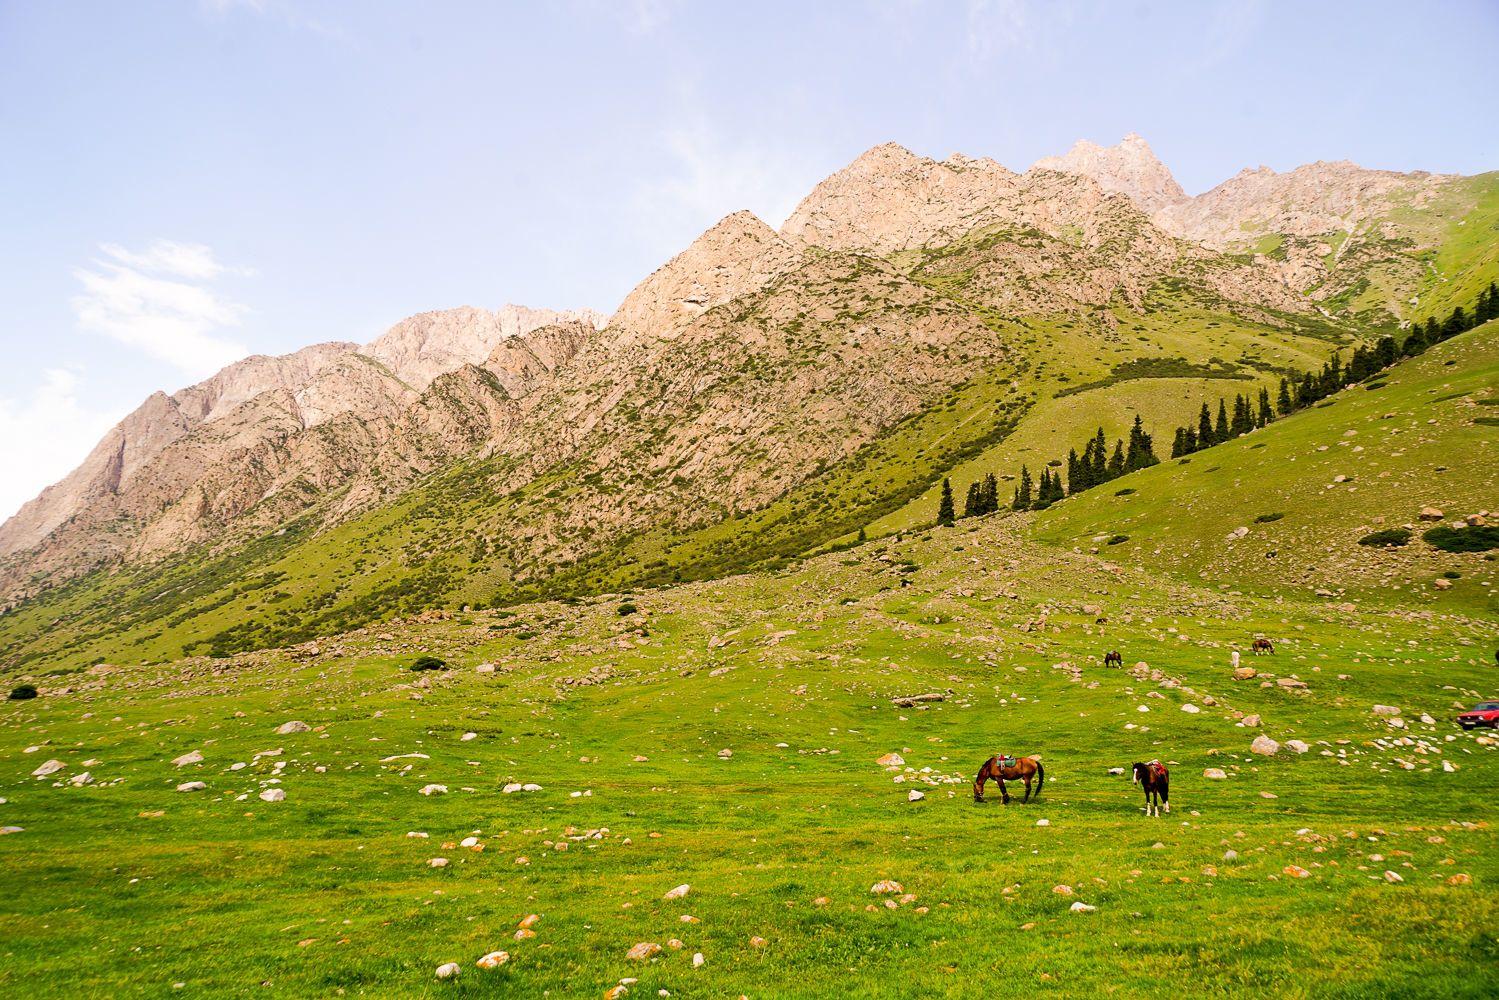 Central Asia, Kyrgyzstan, Tian Shan mountains